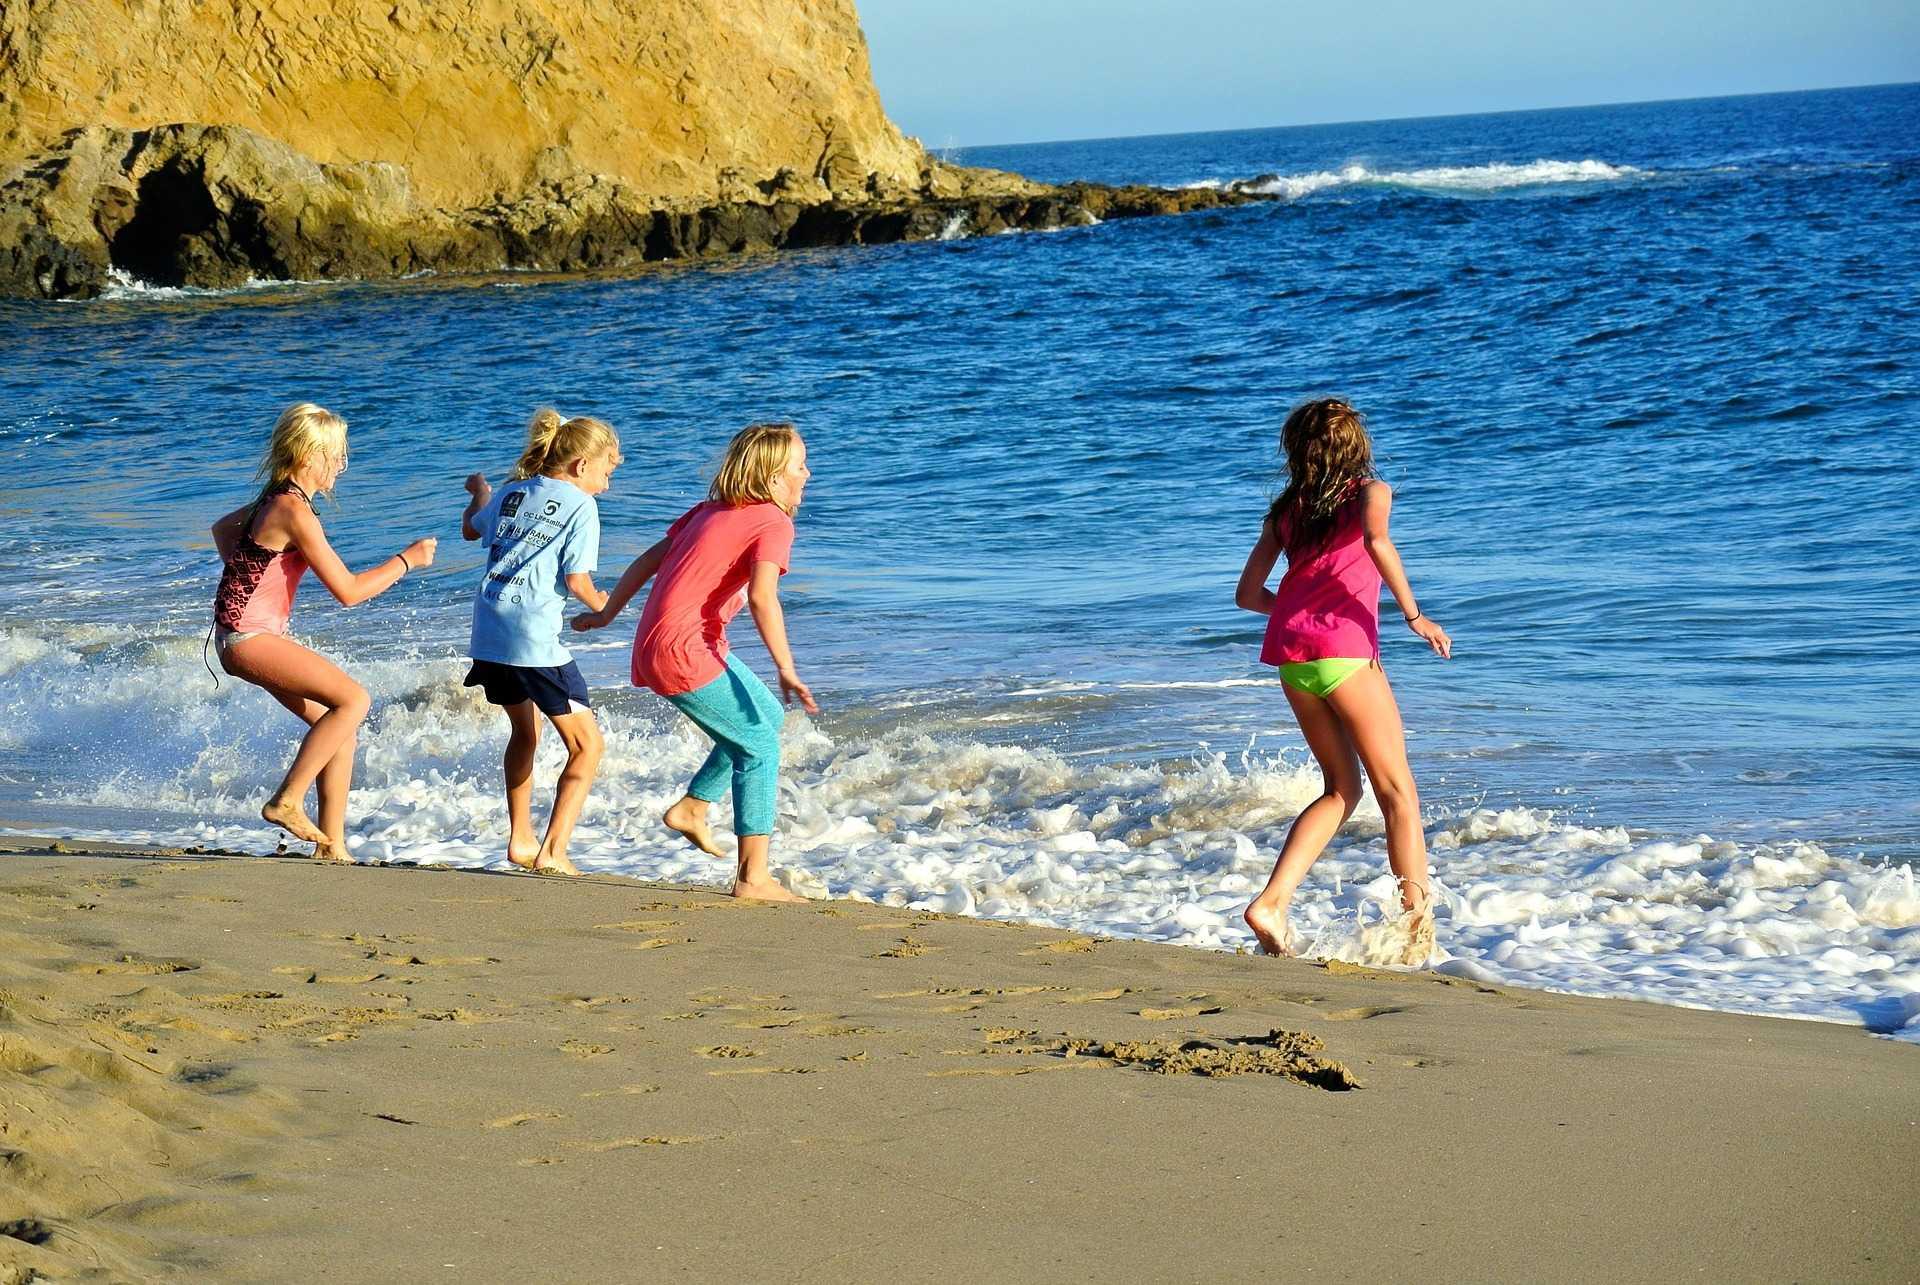 Отдых в ейске с детьми в 2020 году: пляжи, развлечения, размещение и цены | новости